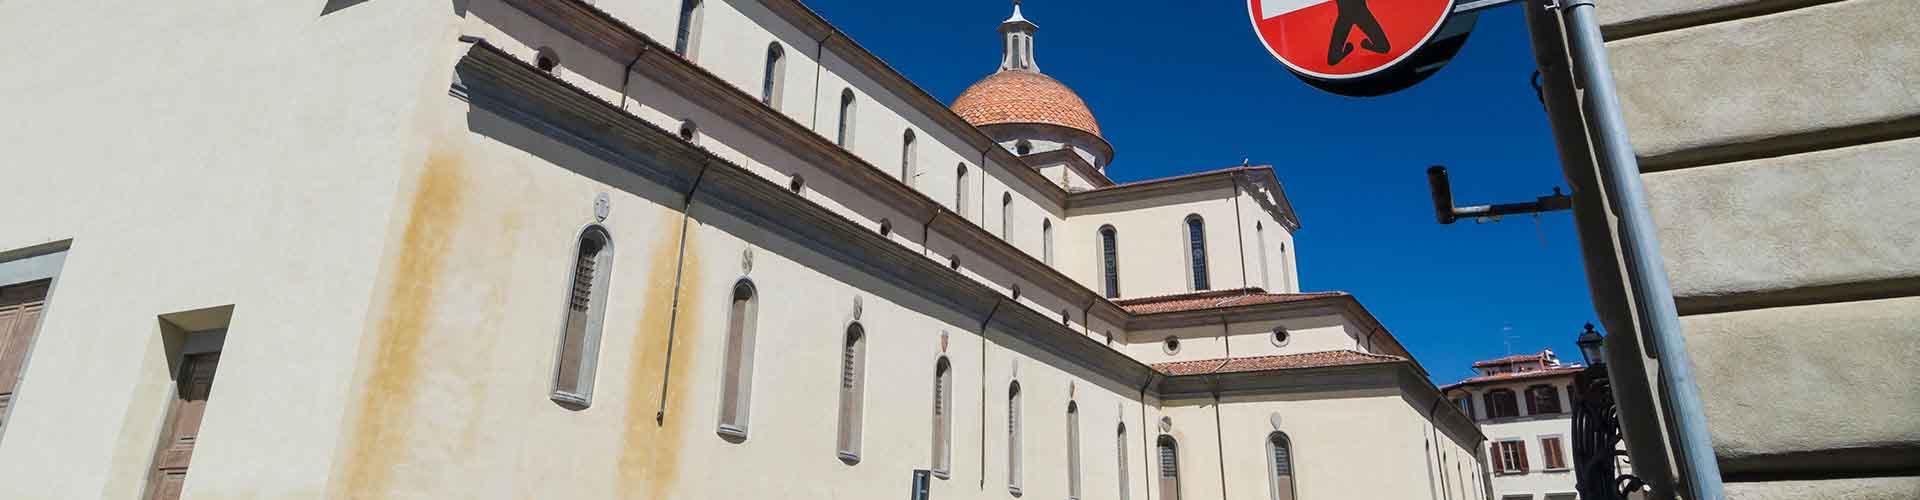 フィレンツェ – Santo Spirito地区のユースホステル. 地図 フィレンツェ, すべてのユースホステルの写真とレビュー フィレンツェ.